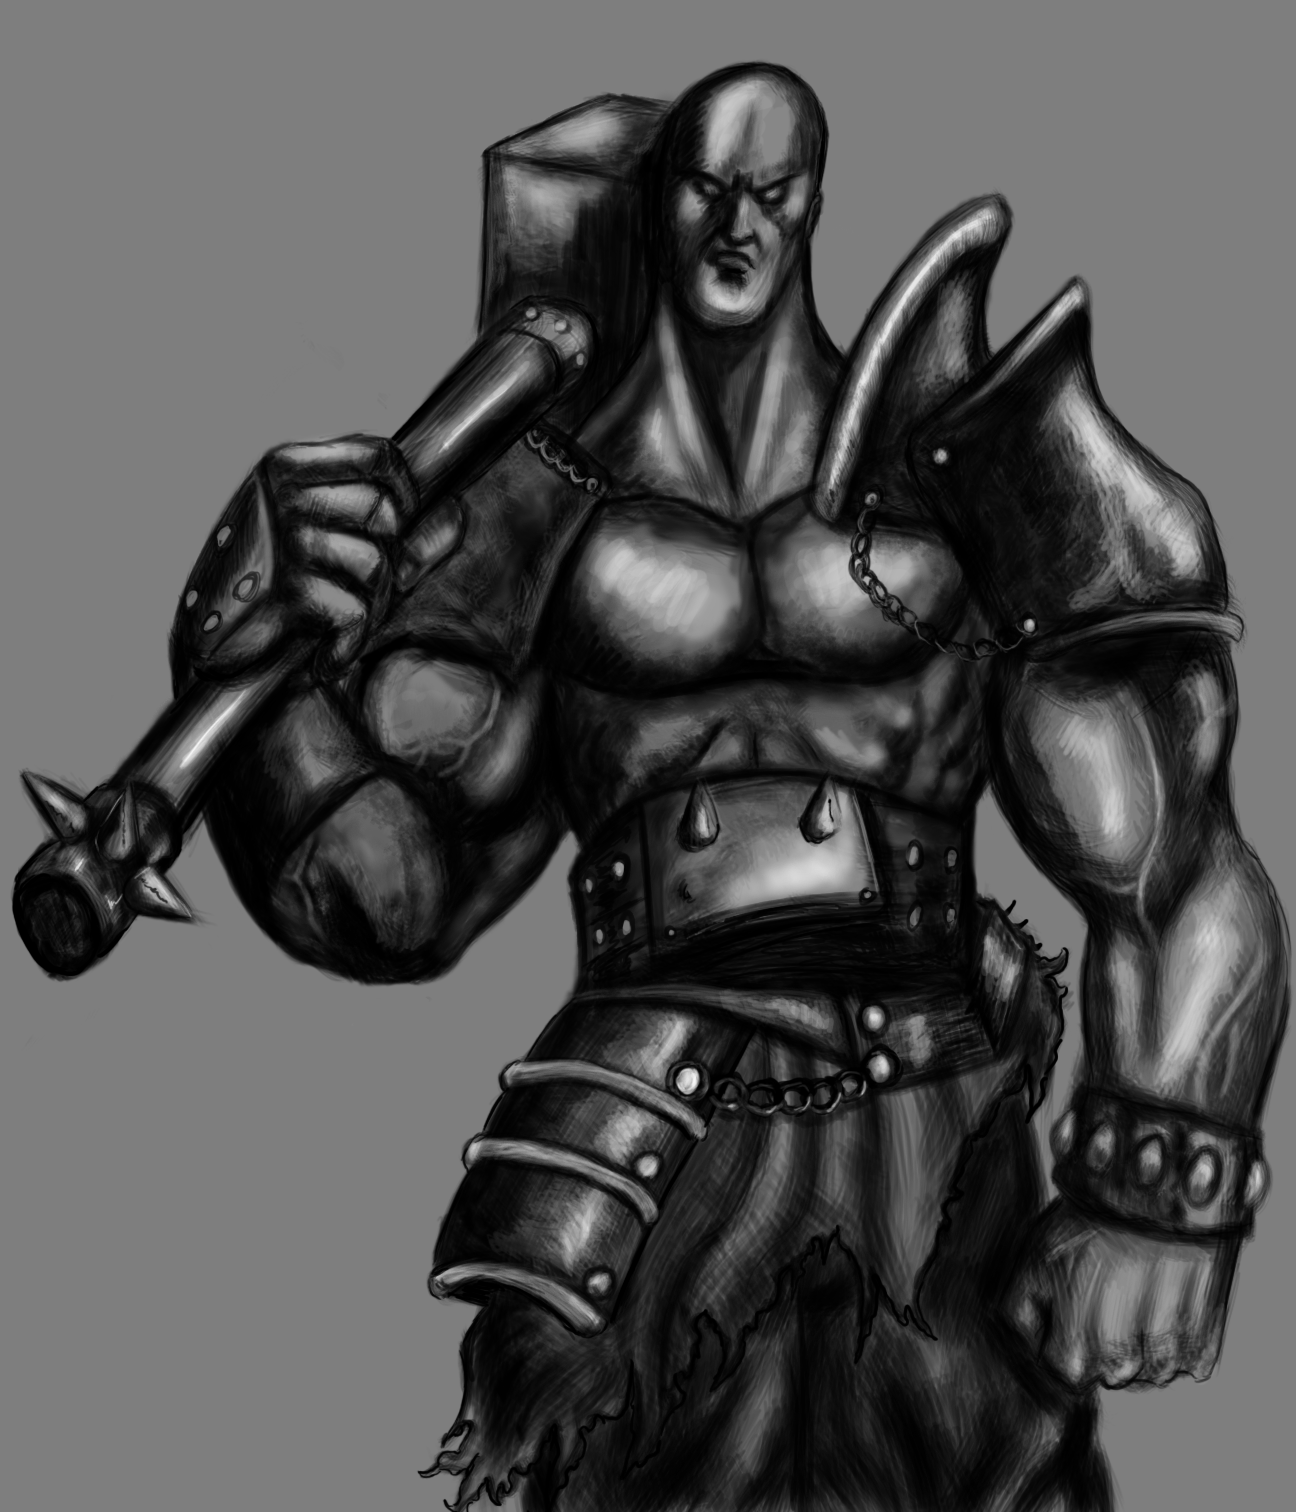 Xandor hammer of might